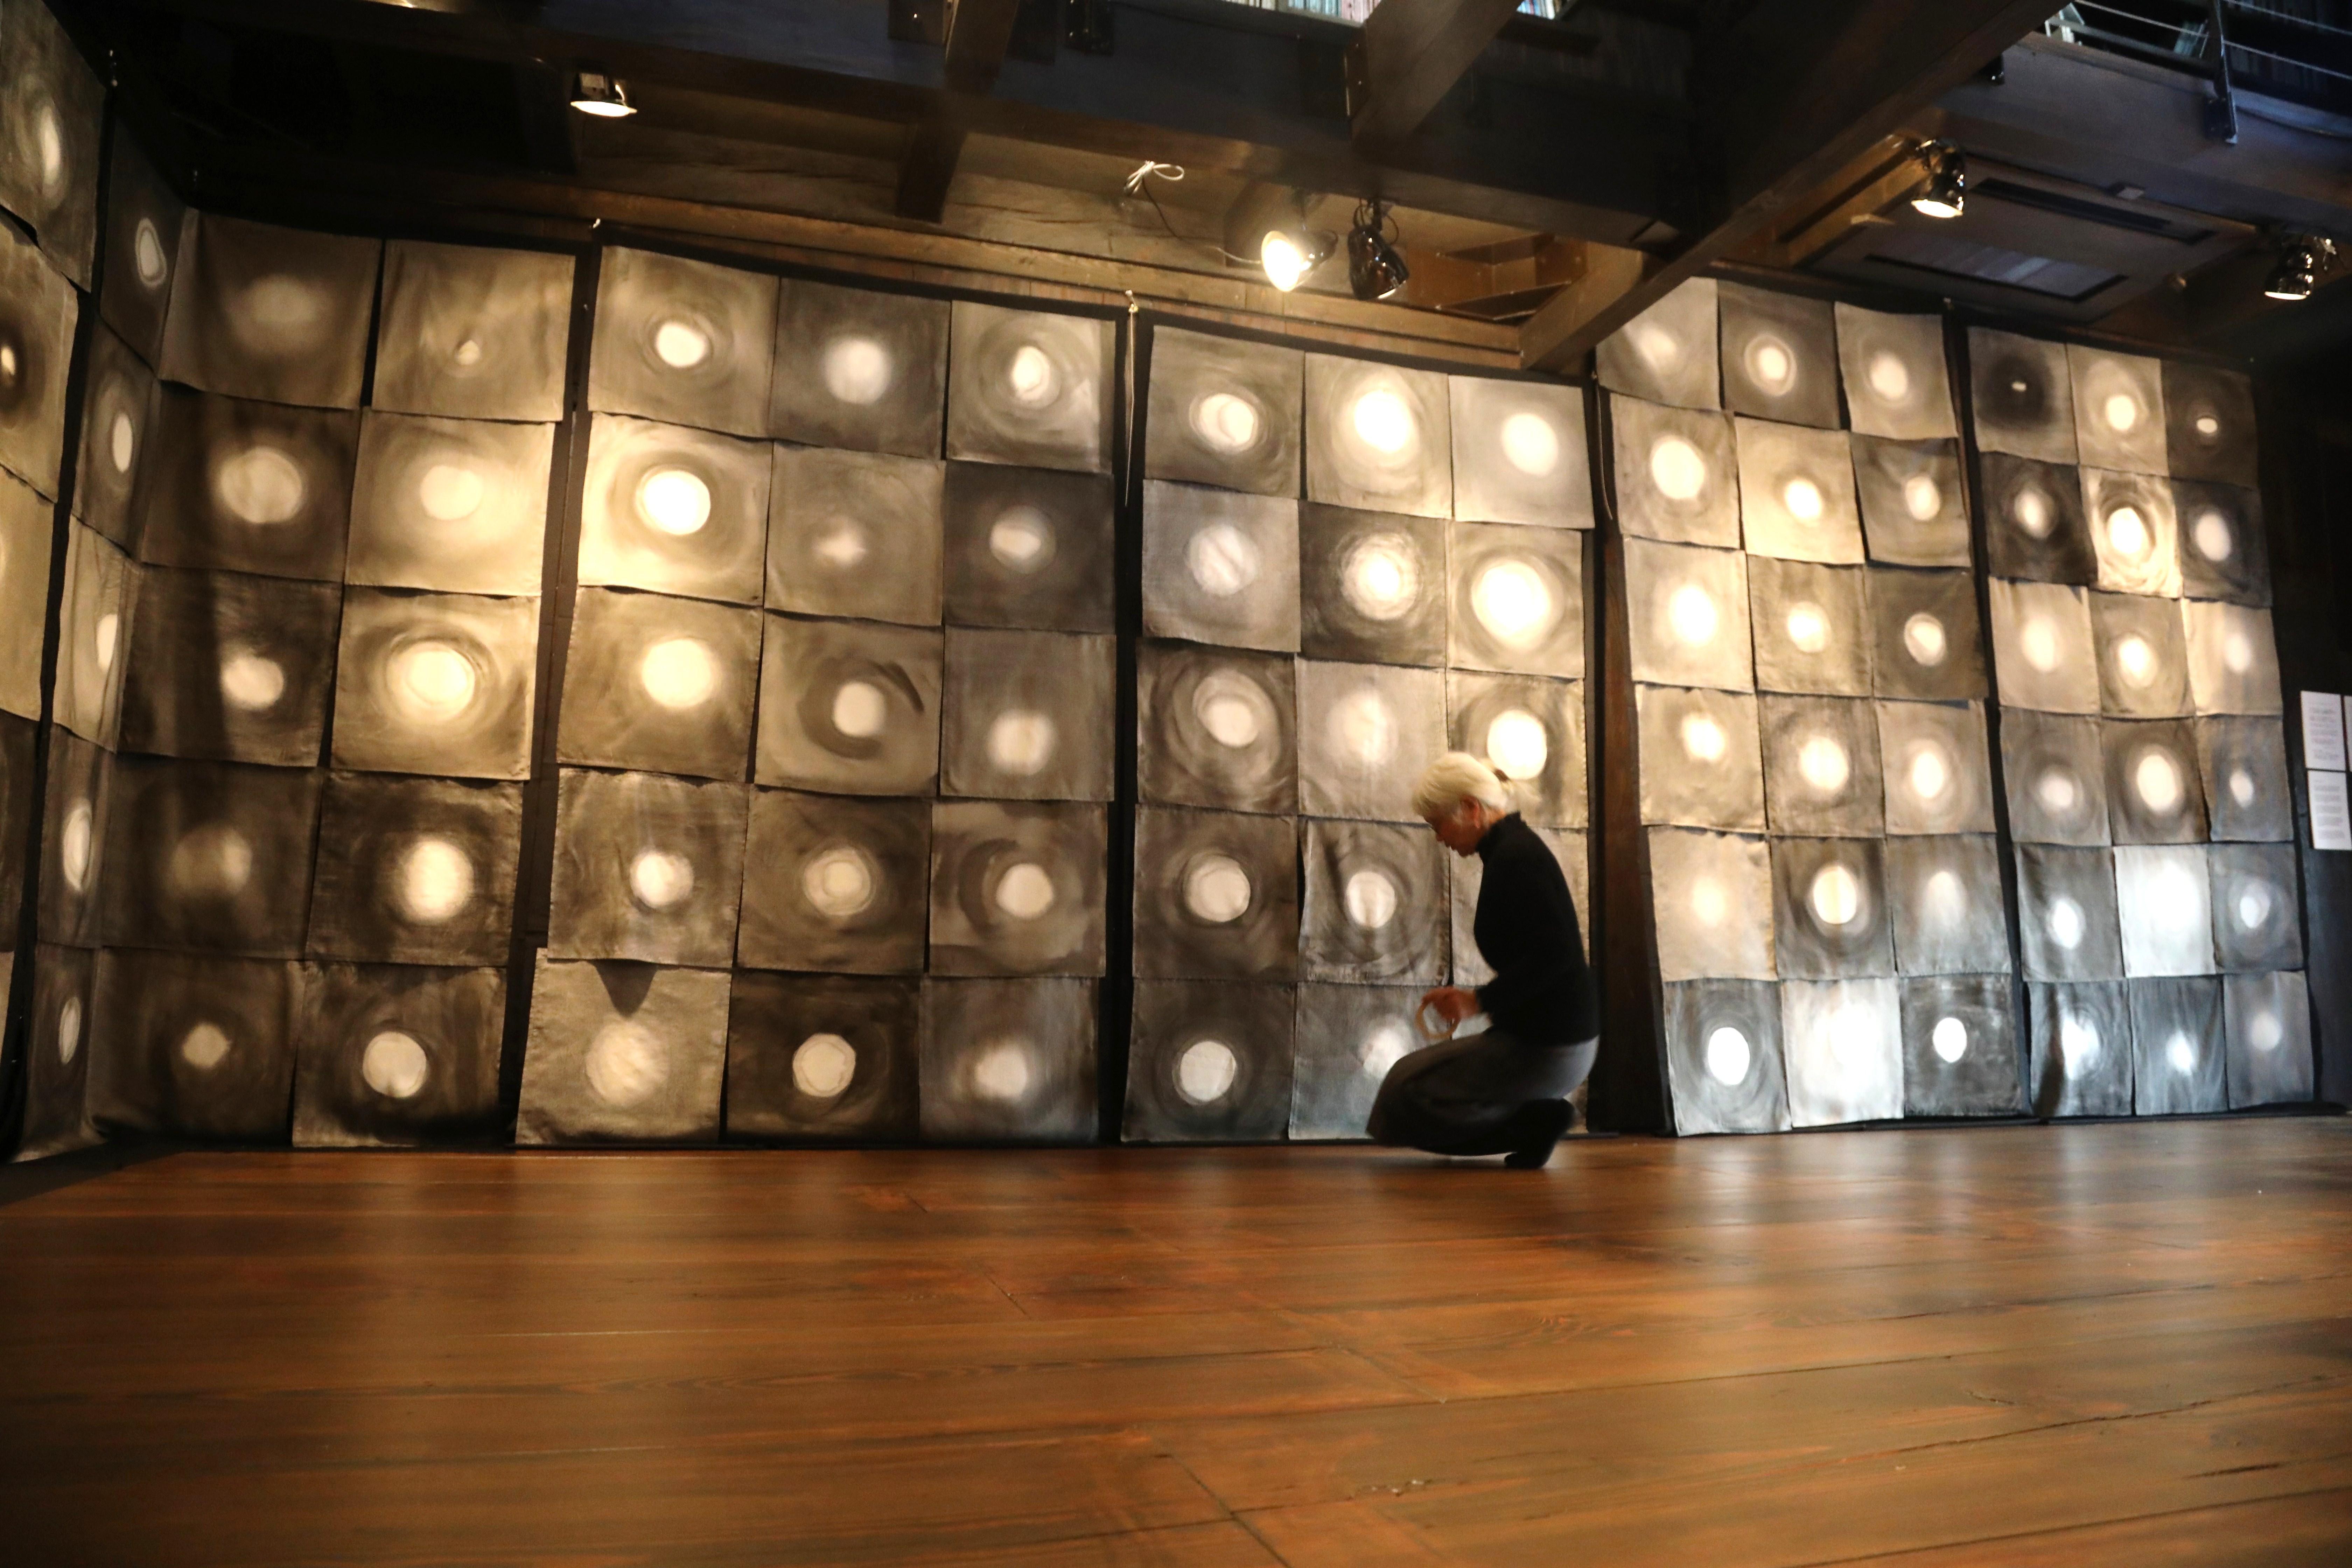 ―872枚の墨絵を並べるだけの展覧会―「戦争レクイエム」イン・サンクトペテルブルグ 日本発・世界へ向けて・平和への祈り